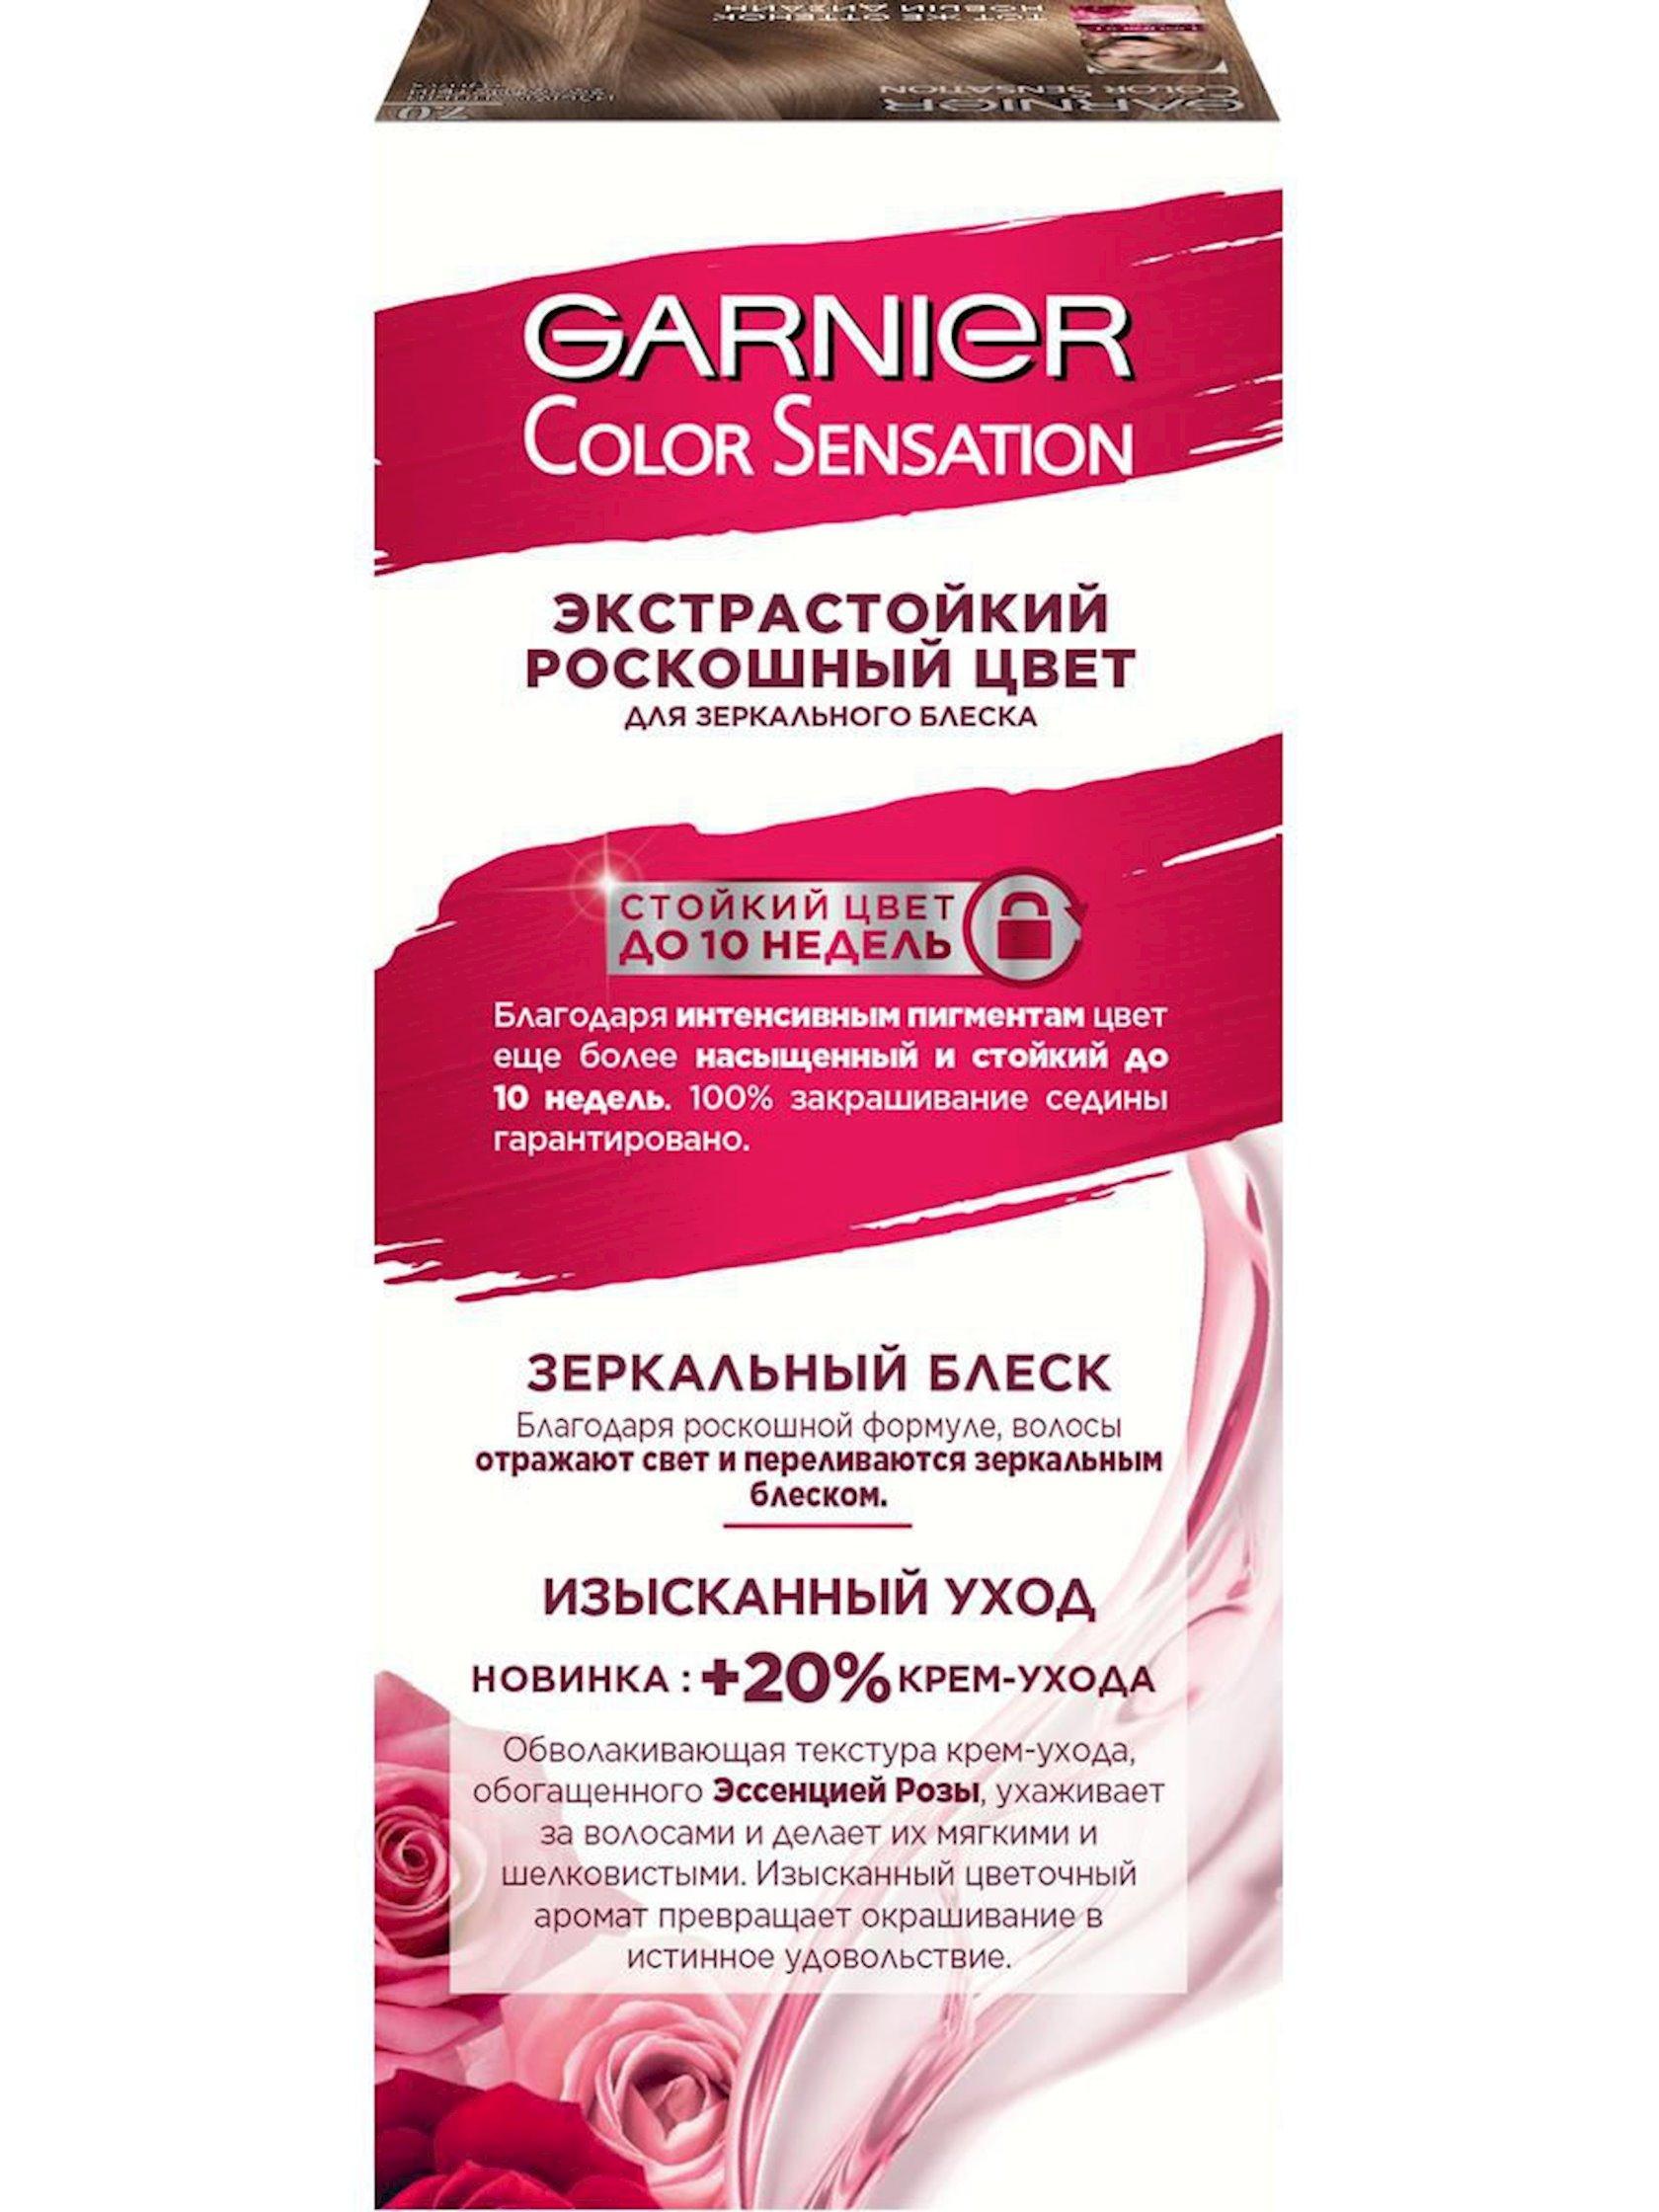 Saç üçün qalıcı krem-boya Garnier Color Sensation Dəbdəbəli rəng 7.0 İncə qızılı topaz